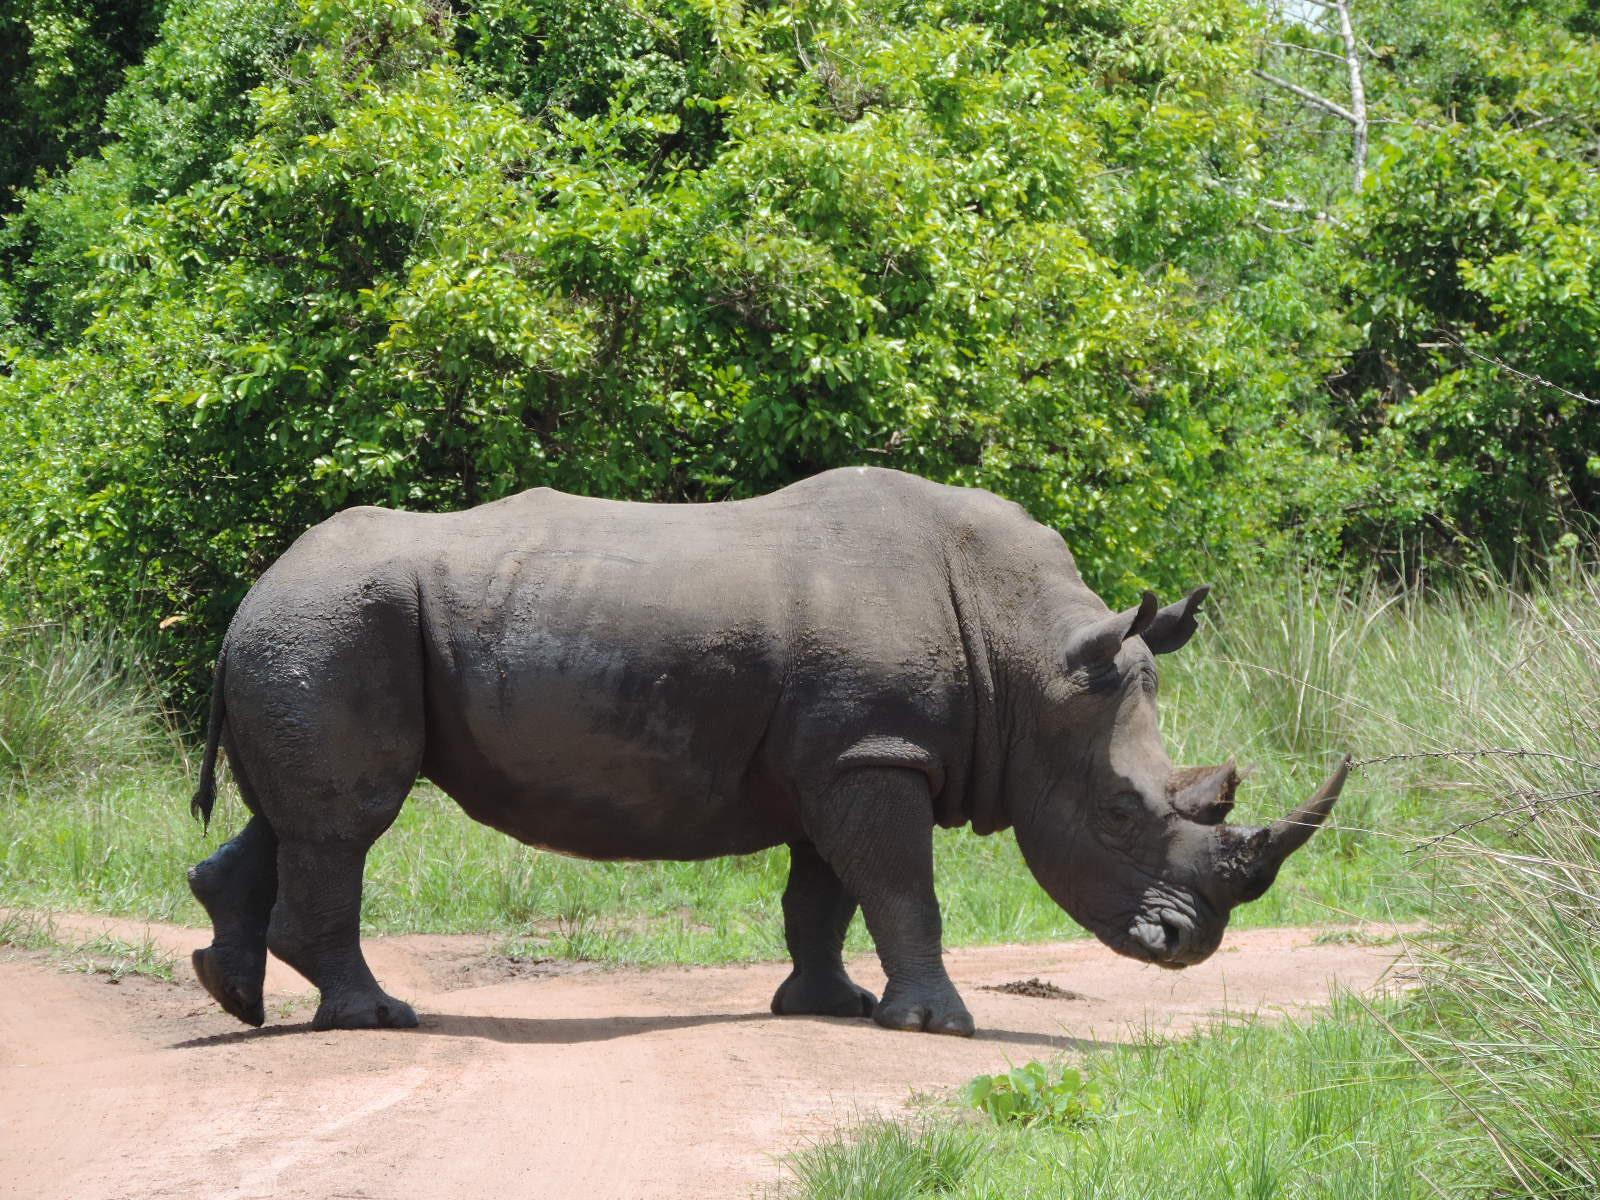 Gorilla Safari Uganda, Uganda Safari Holiday, Uganda Safaris Tour, Budget Safari Uganda,